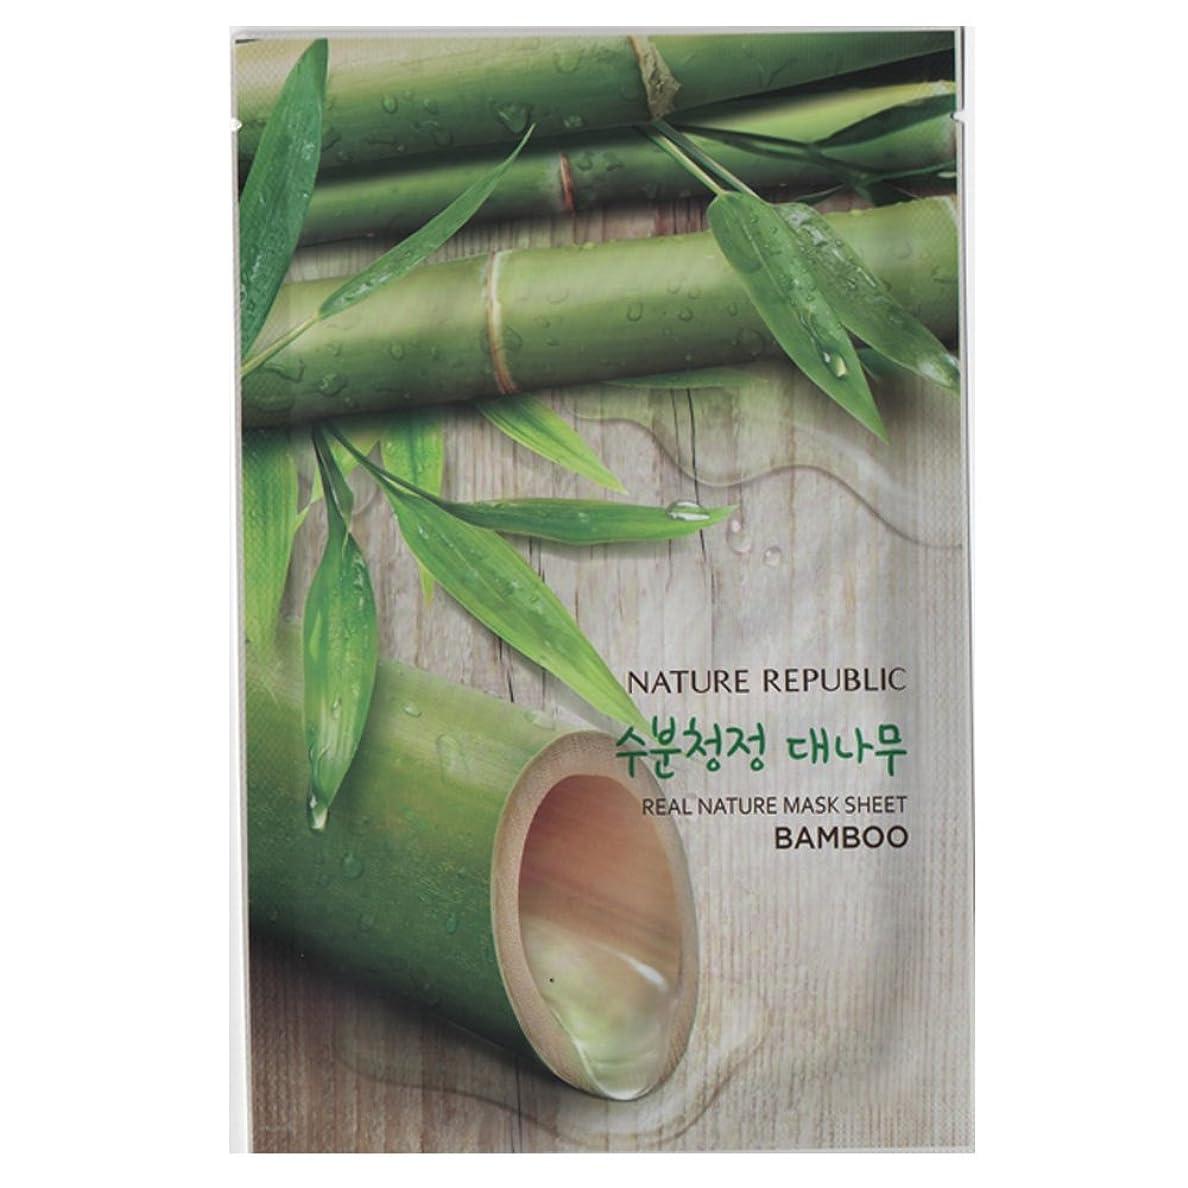 巨大淡い論理[NATURE REPUBLIC] リアルネイチャー マスクシート Real Nature Mask Sheet (Bamboo (竹) 10個) [並行輸入品]